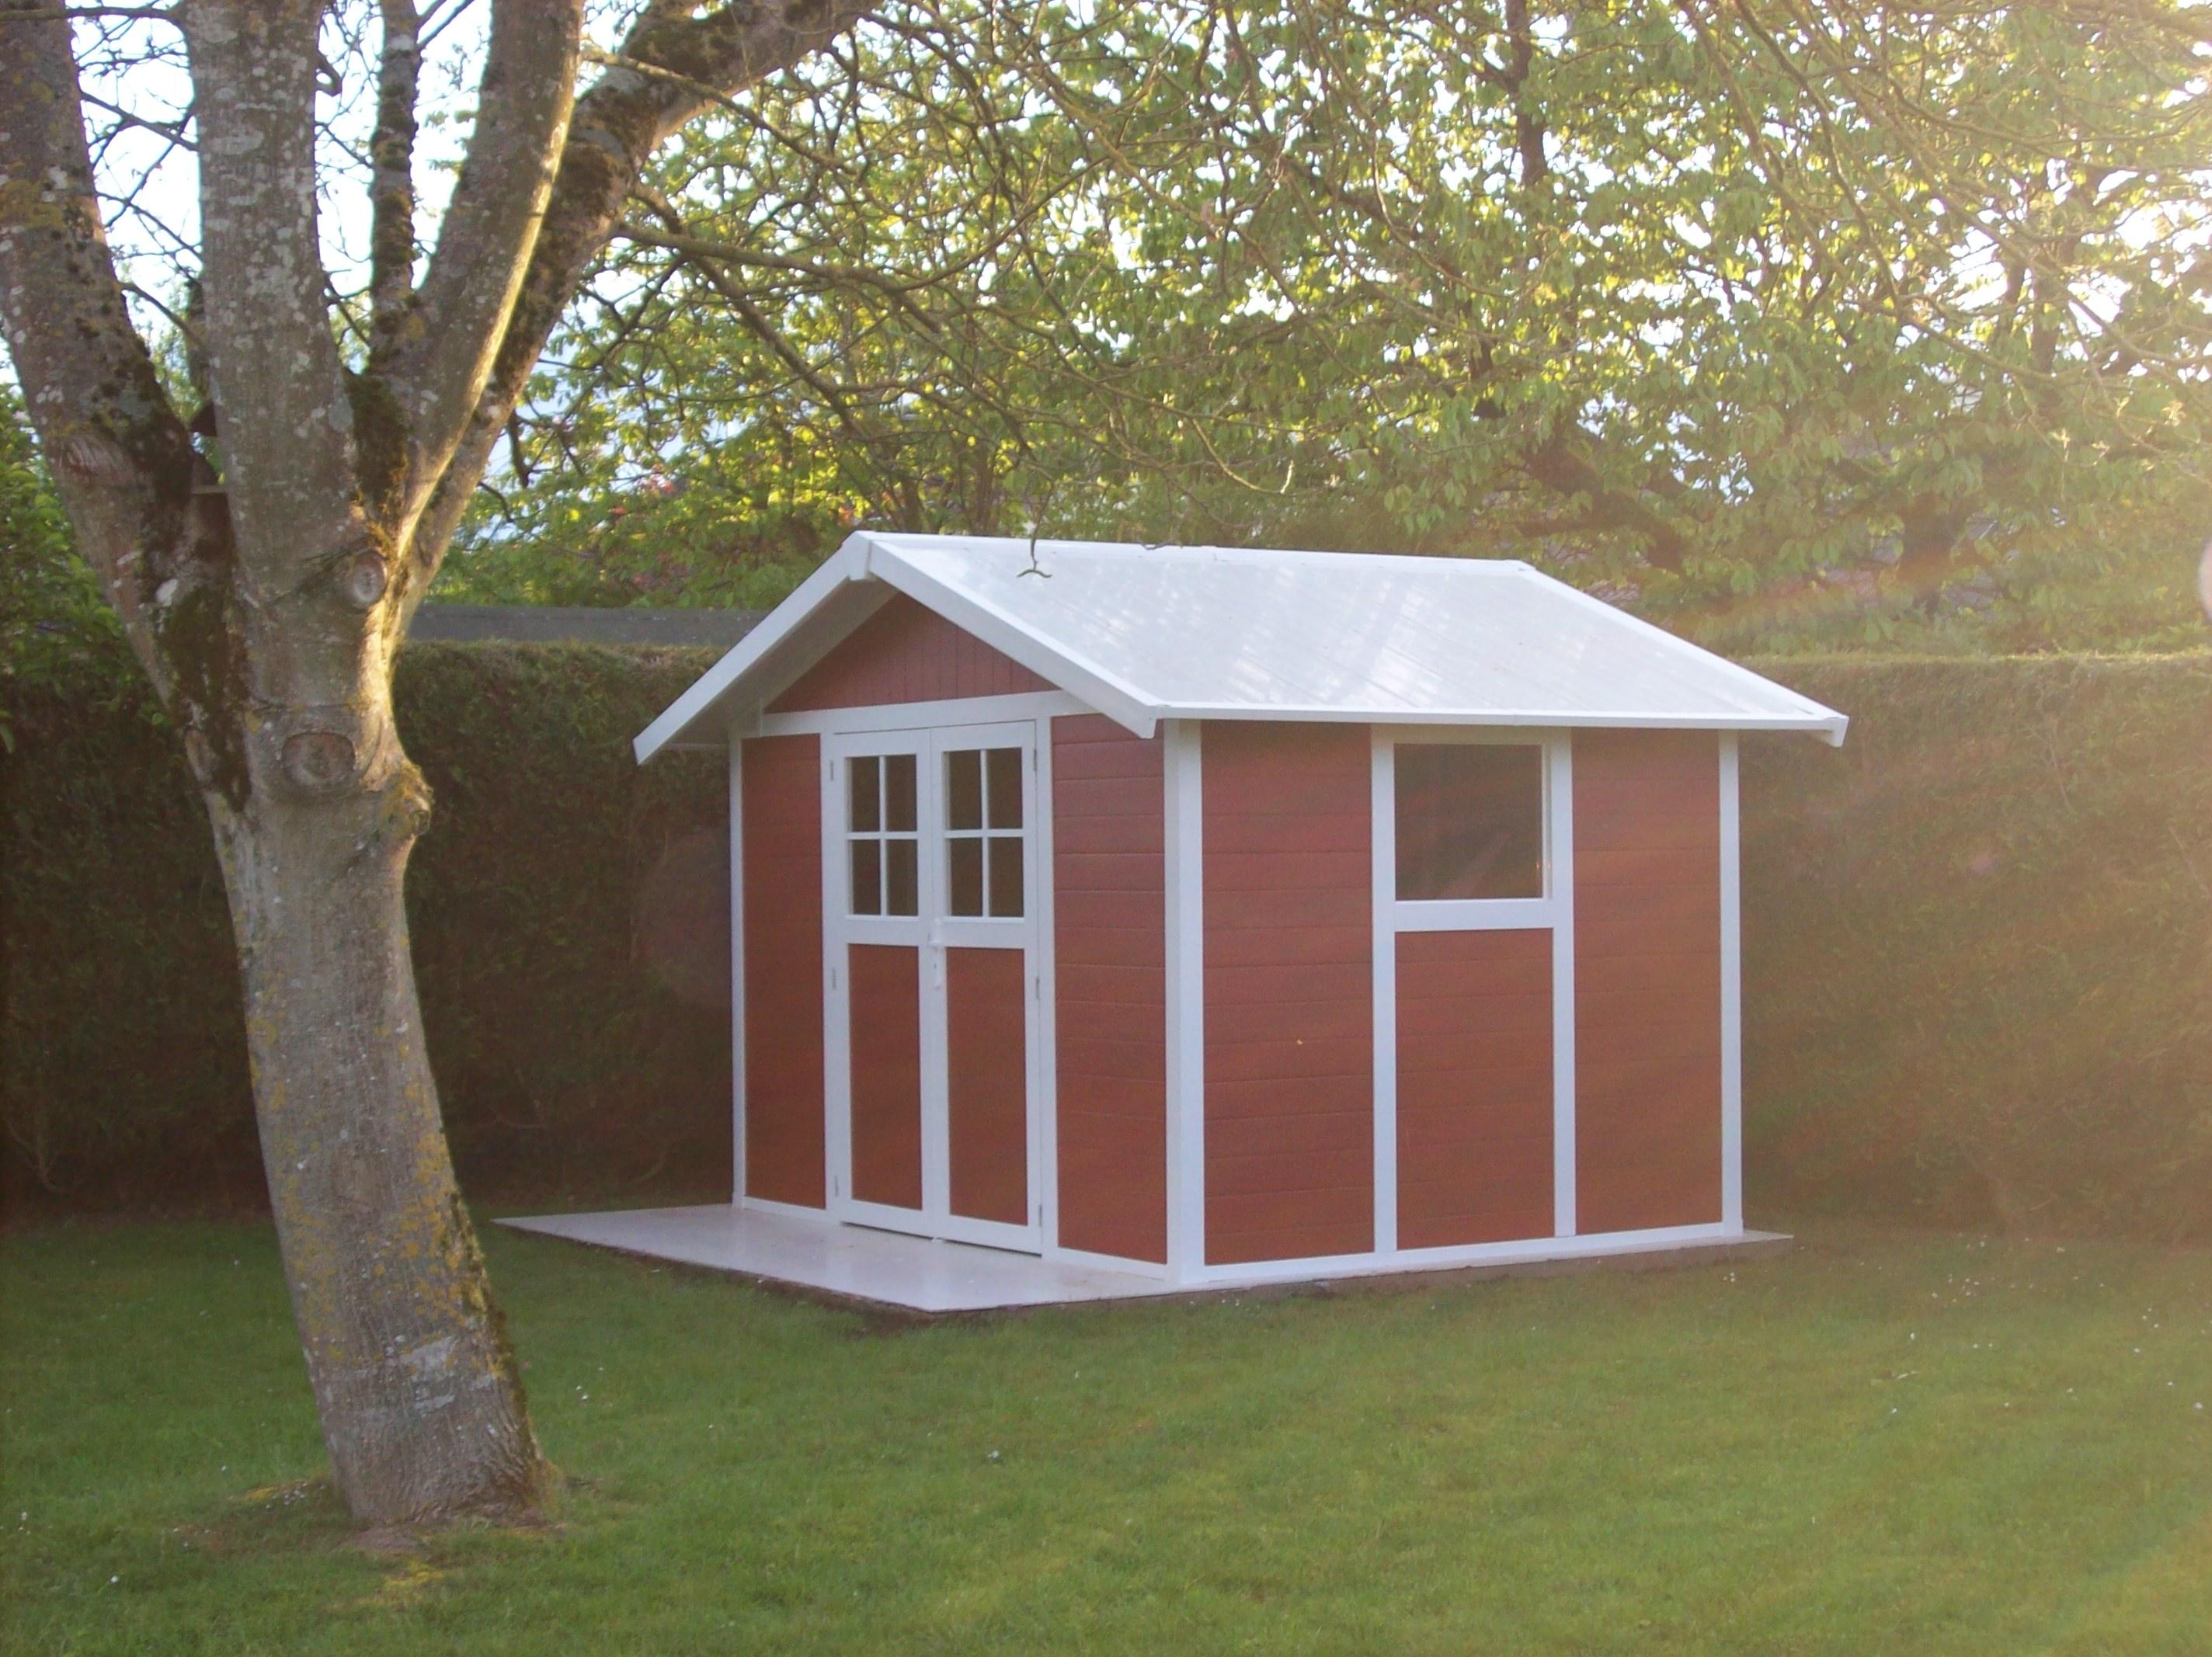 avec l abri pvc mettez de la couleur dans vos jardins blog conseil abri jardin garage. Black Bedroom Furniture Sets. Home Design Ideas